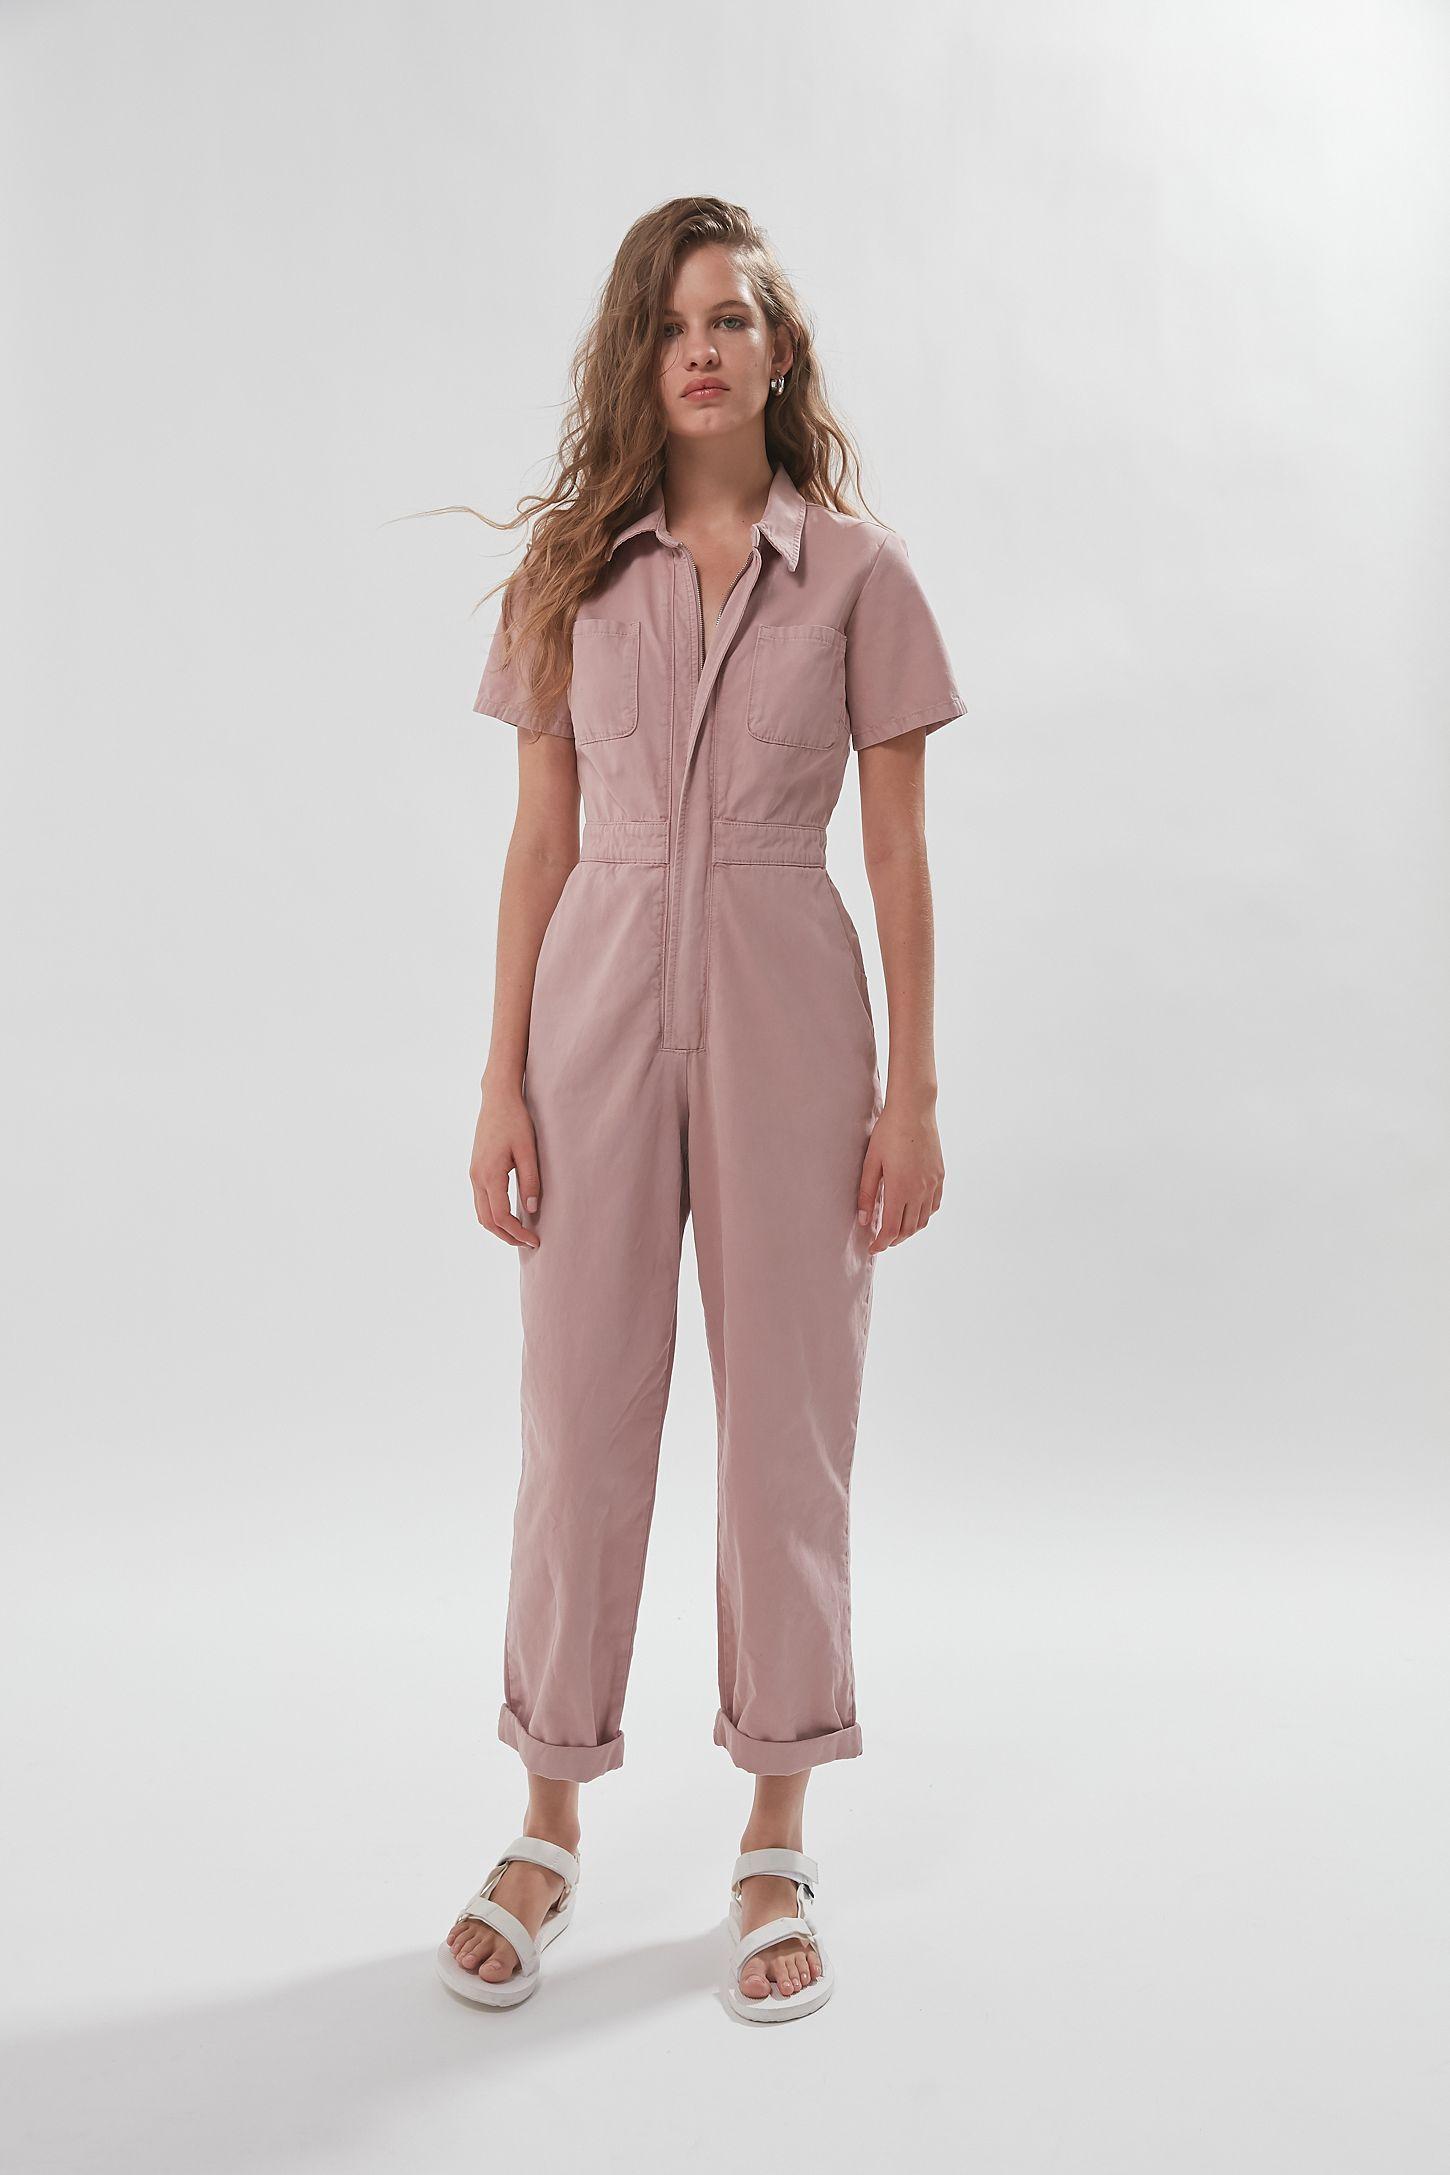 UO Canvas Flight Jumpsuit   Boiler suit, Fashion, Women